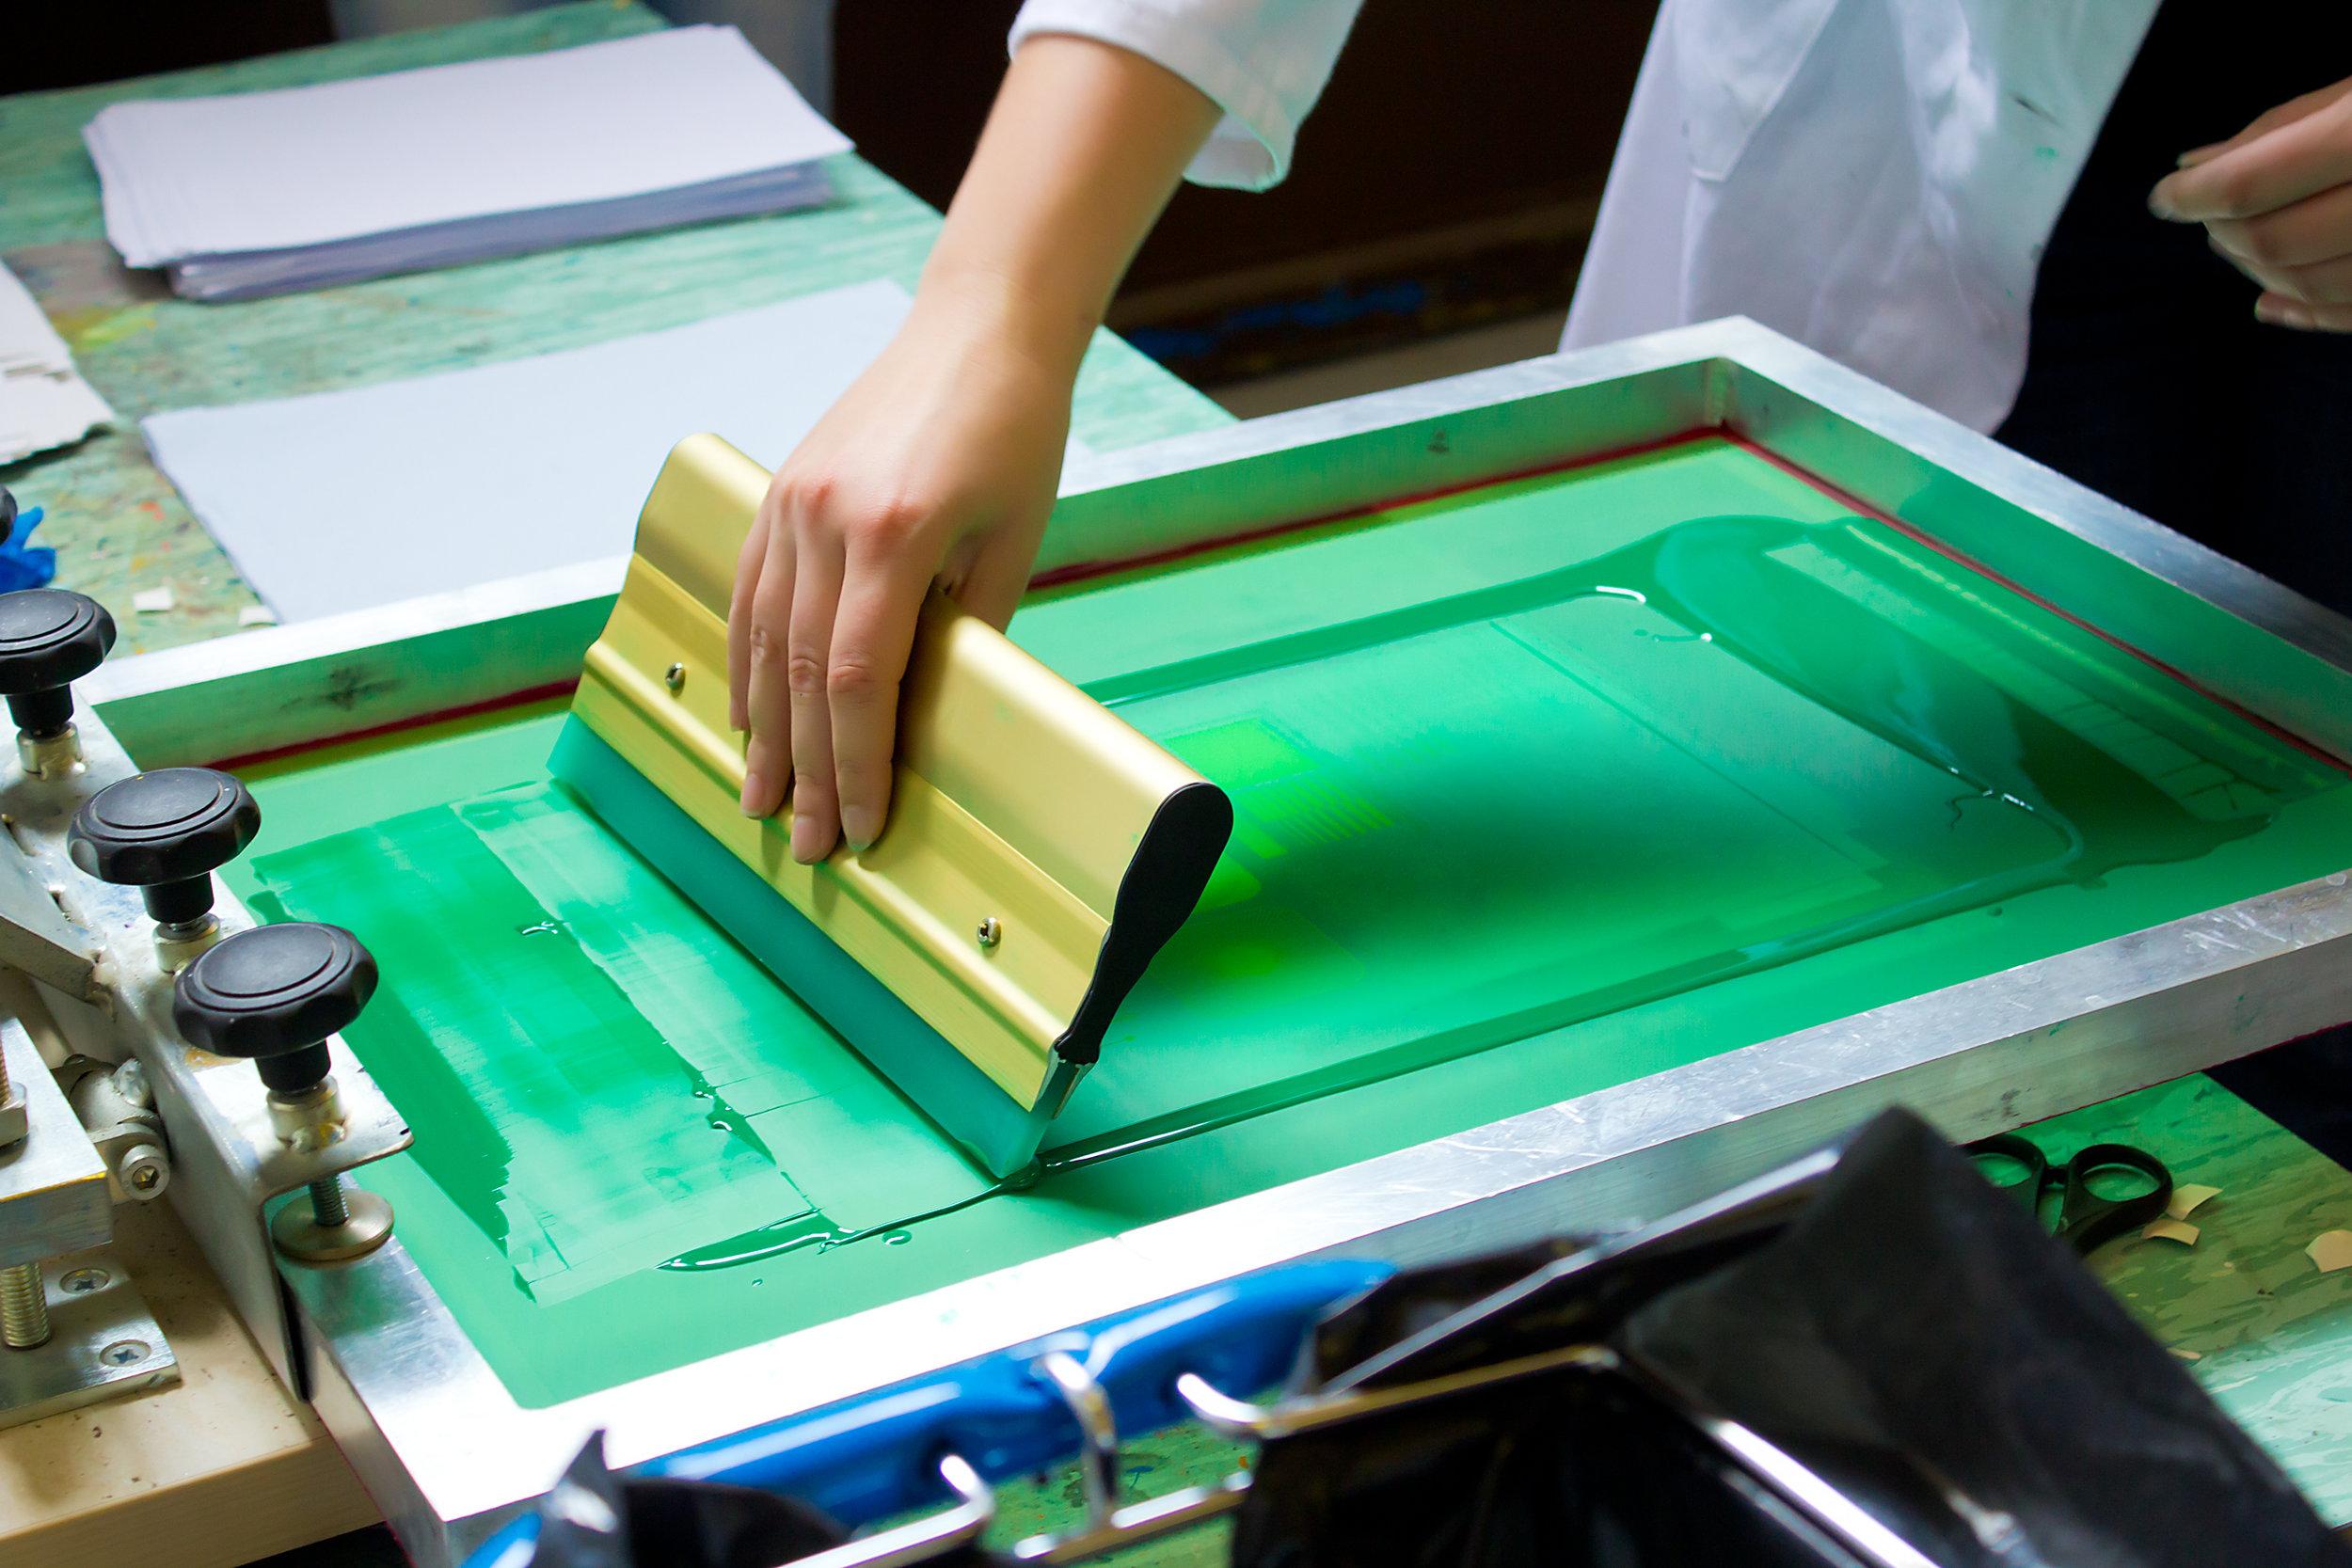 1495431687-Silkscreen_Printing.jpg